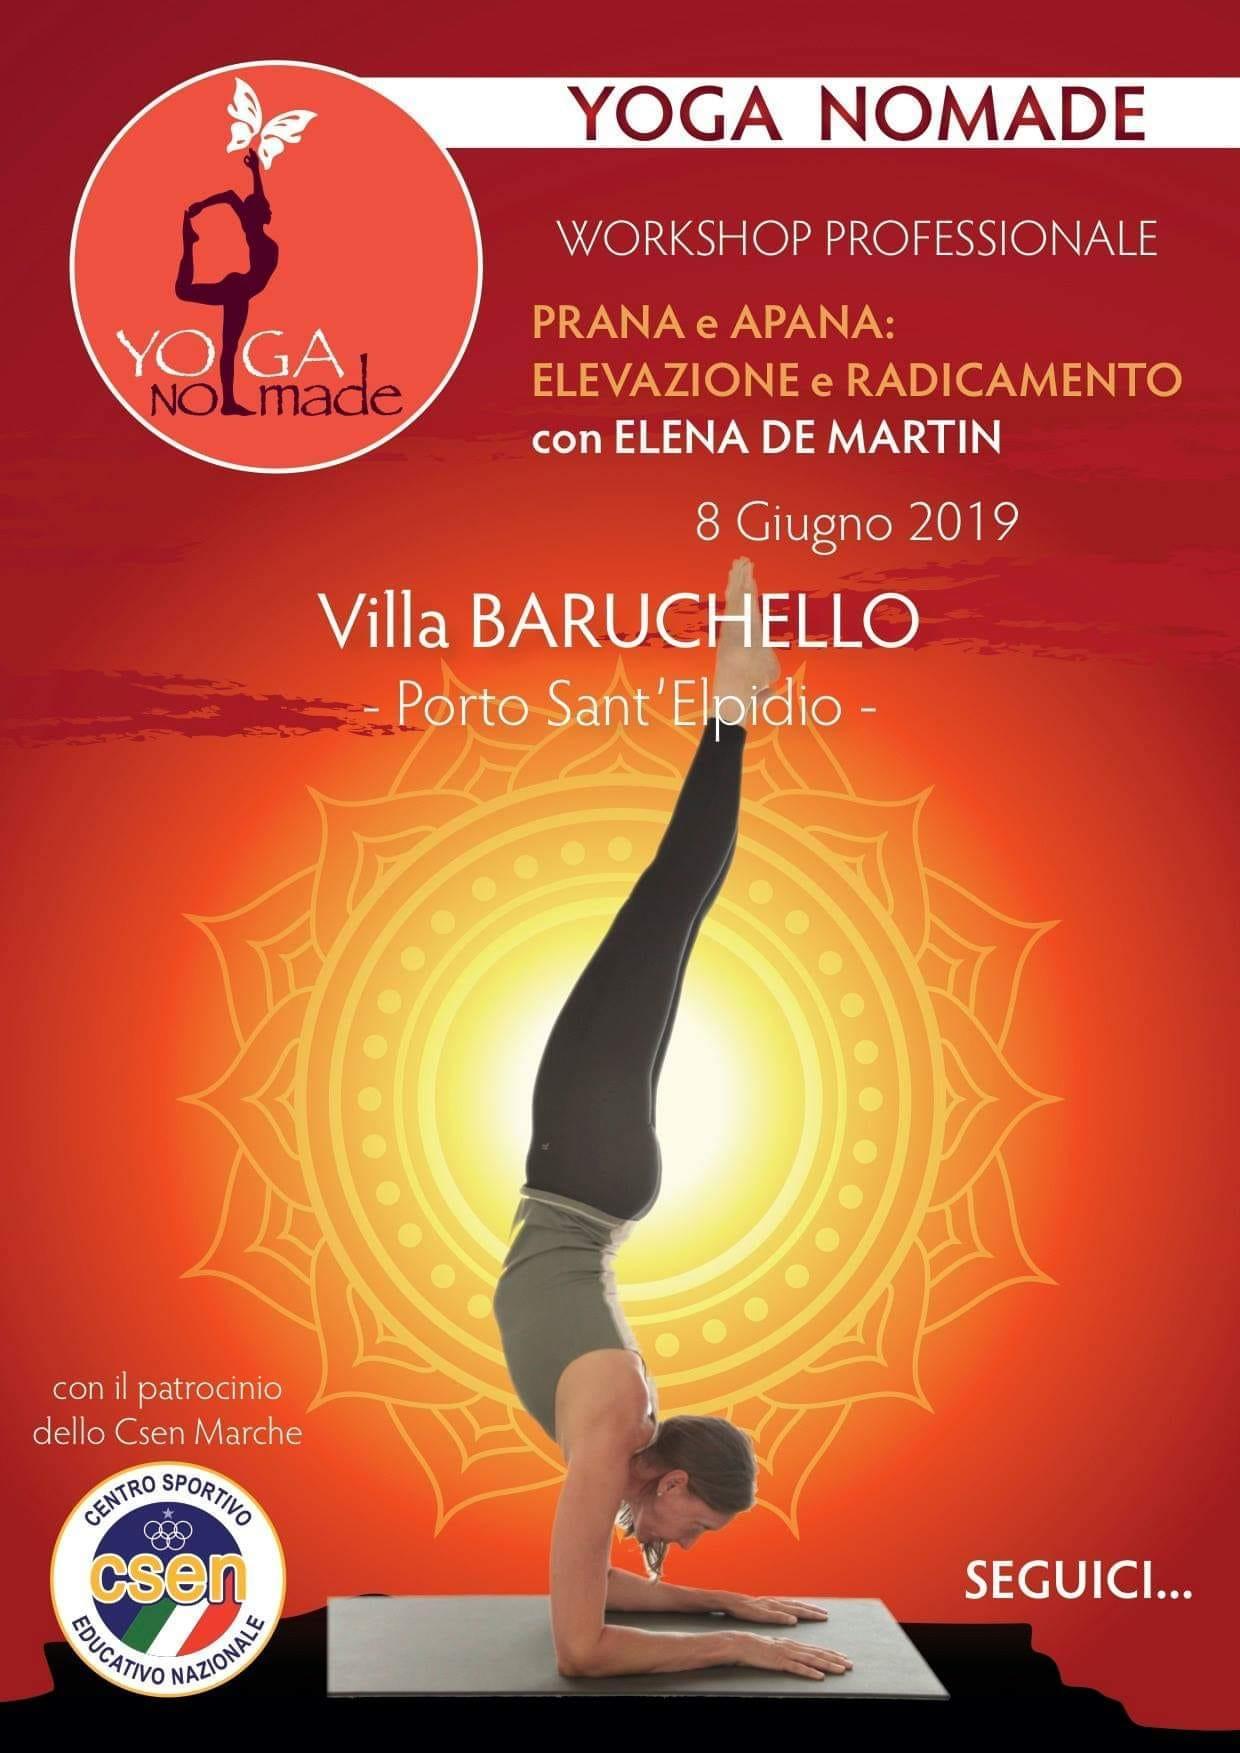 yoga nomade 2019